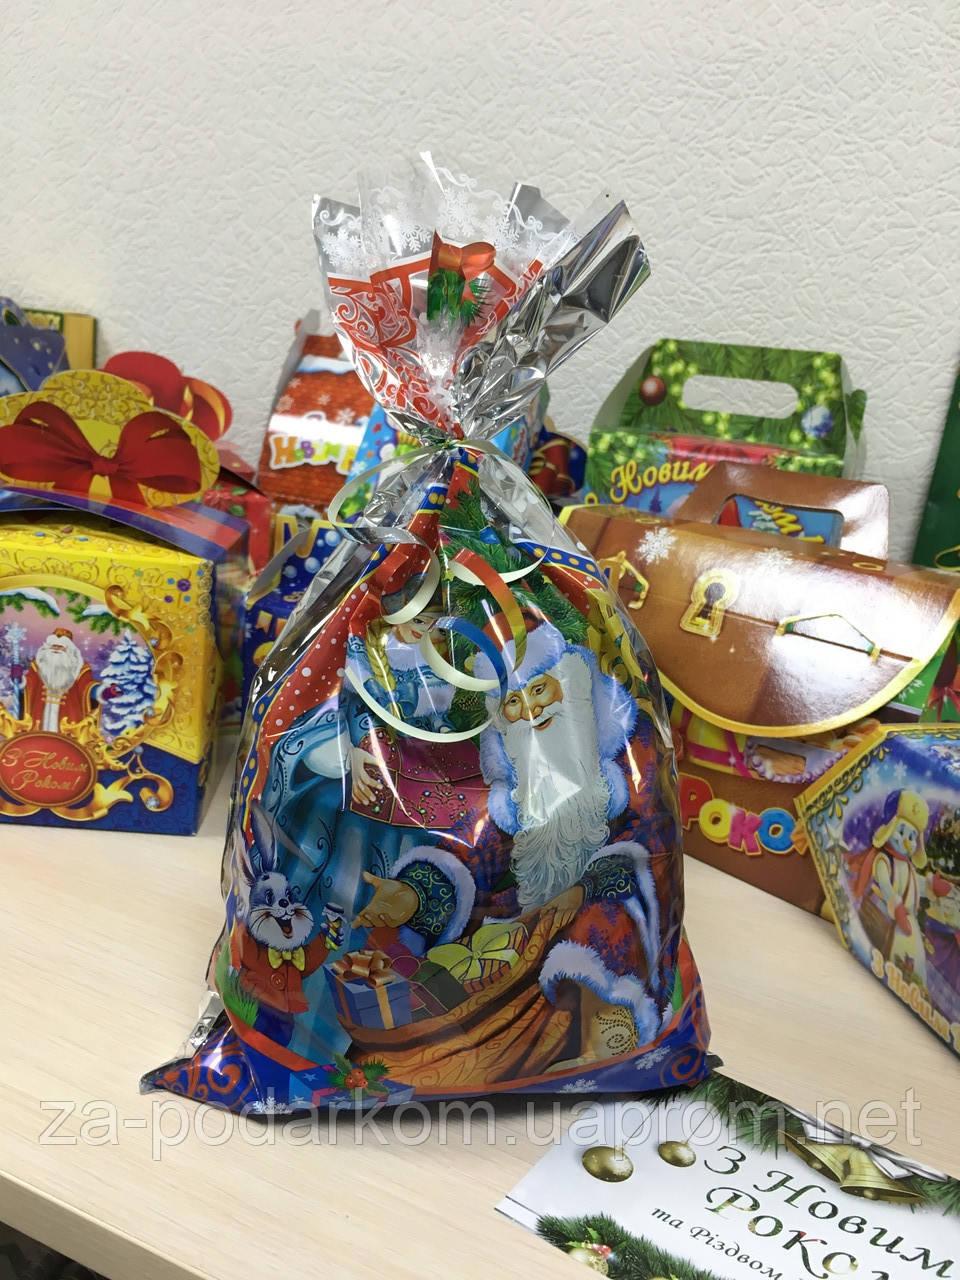 Недорогие сладкие новогодние подарки 600г в пакете